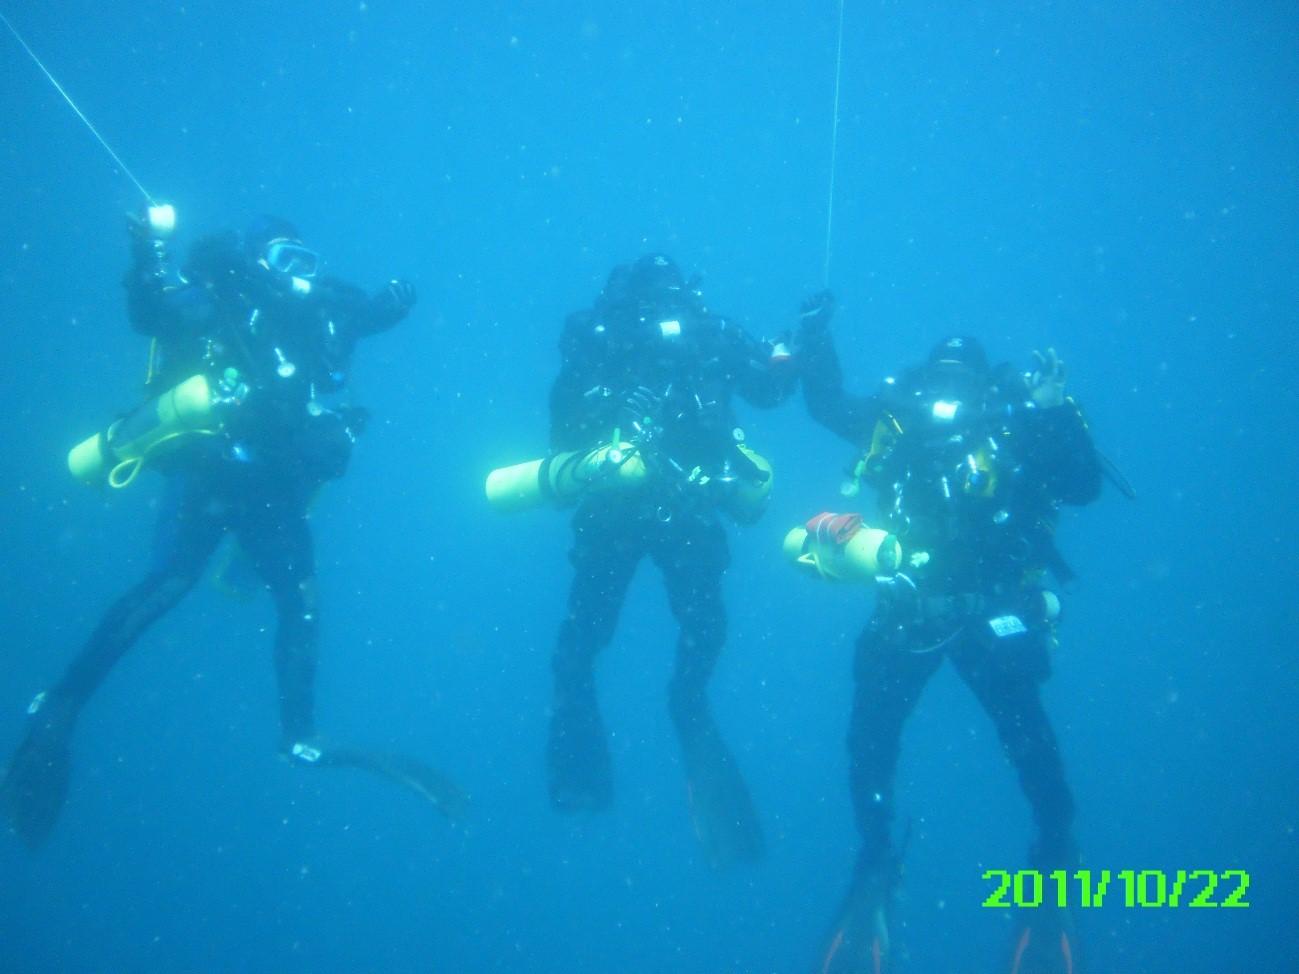 Paragem de descopressão deposi de um mergulho com equipamentos de circuito fechado (rebreathers) com TRIMIX